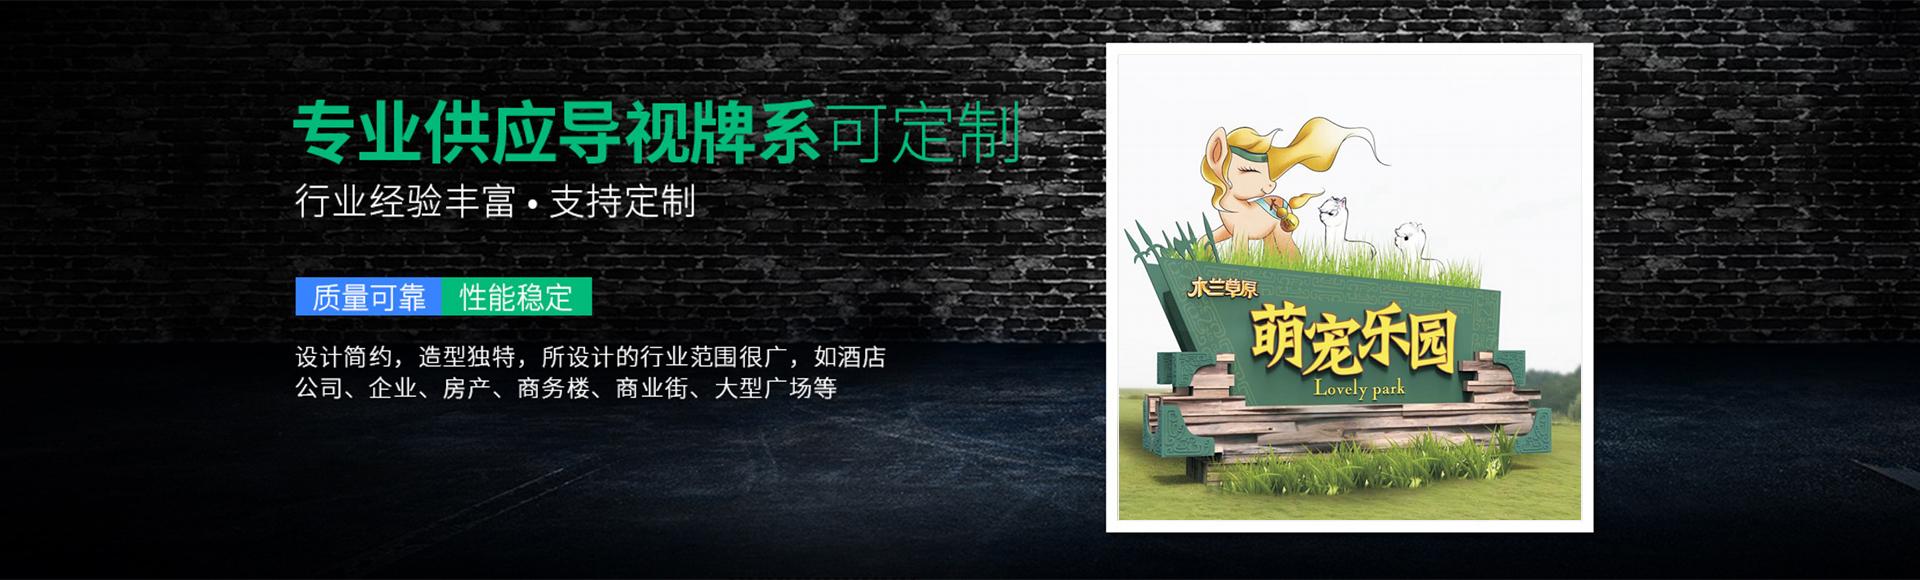 武汉发光字广告牌